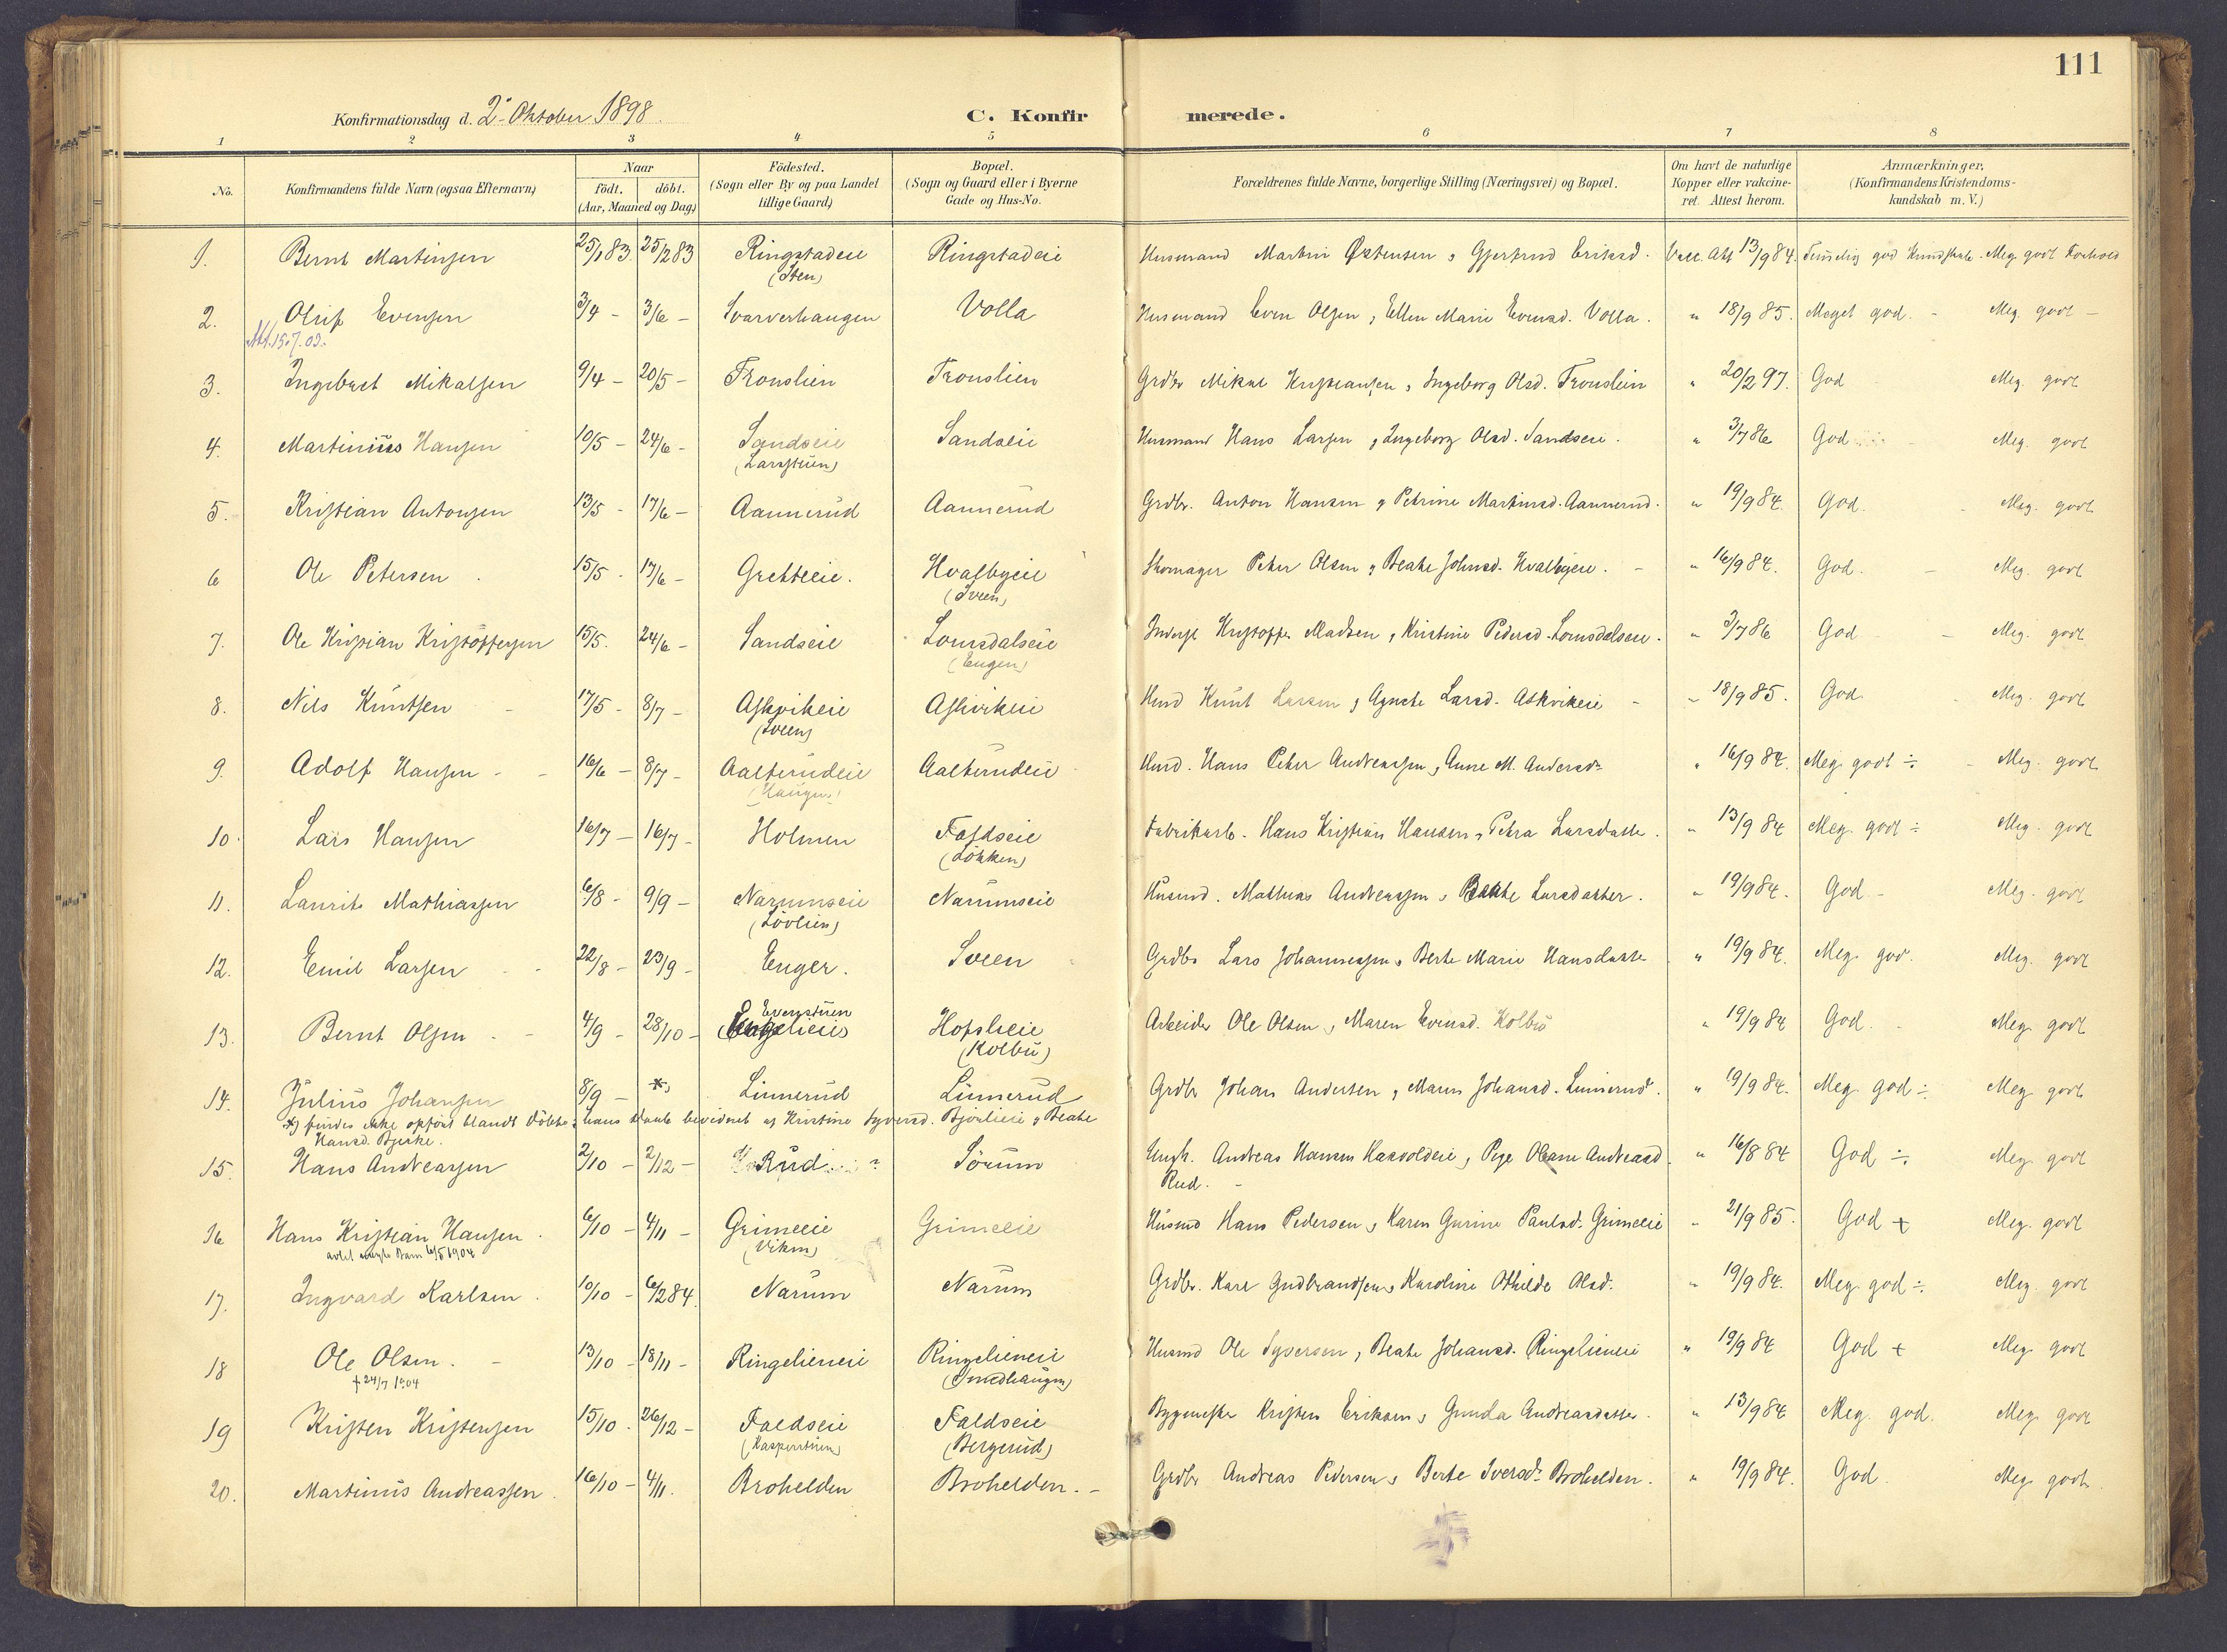 SAH, Søndre Land prestekontor, K/L0006: Parish register (official) no. 6, 1895-1904, p. 111